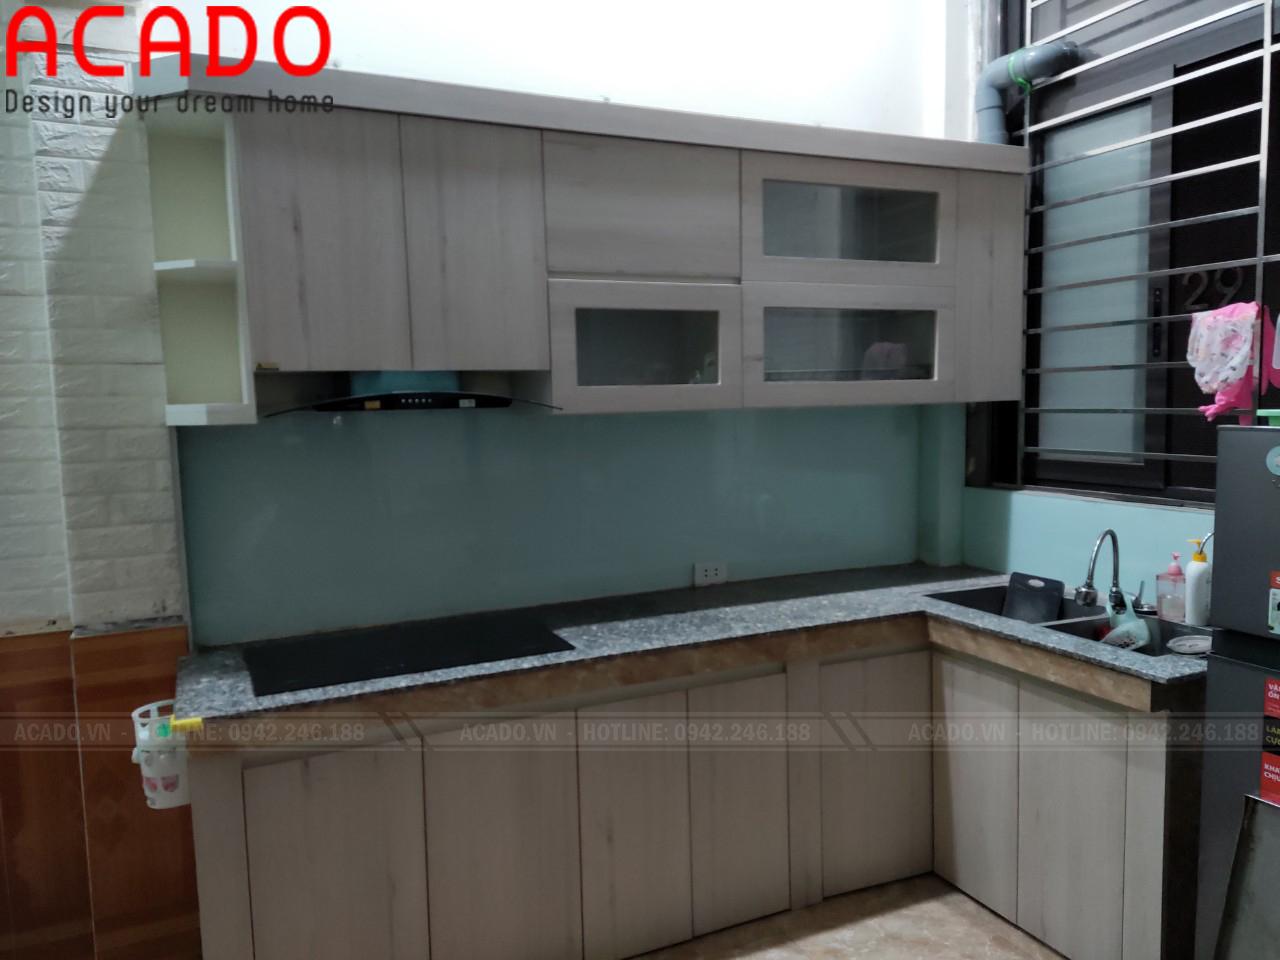 Kính bếp xanh tạo cảm giác nhẹ nhàng, trẻ trung cho không gian bếp